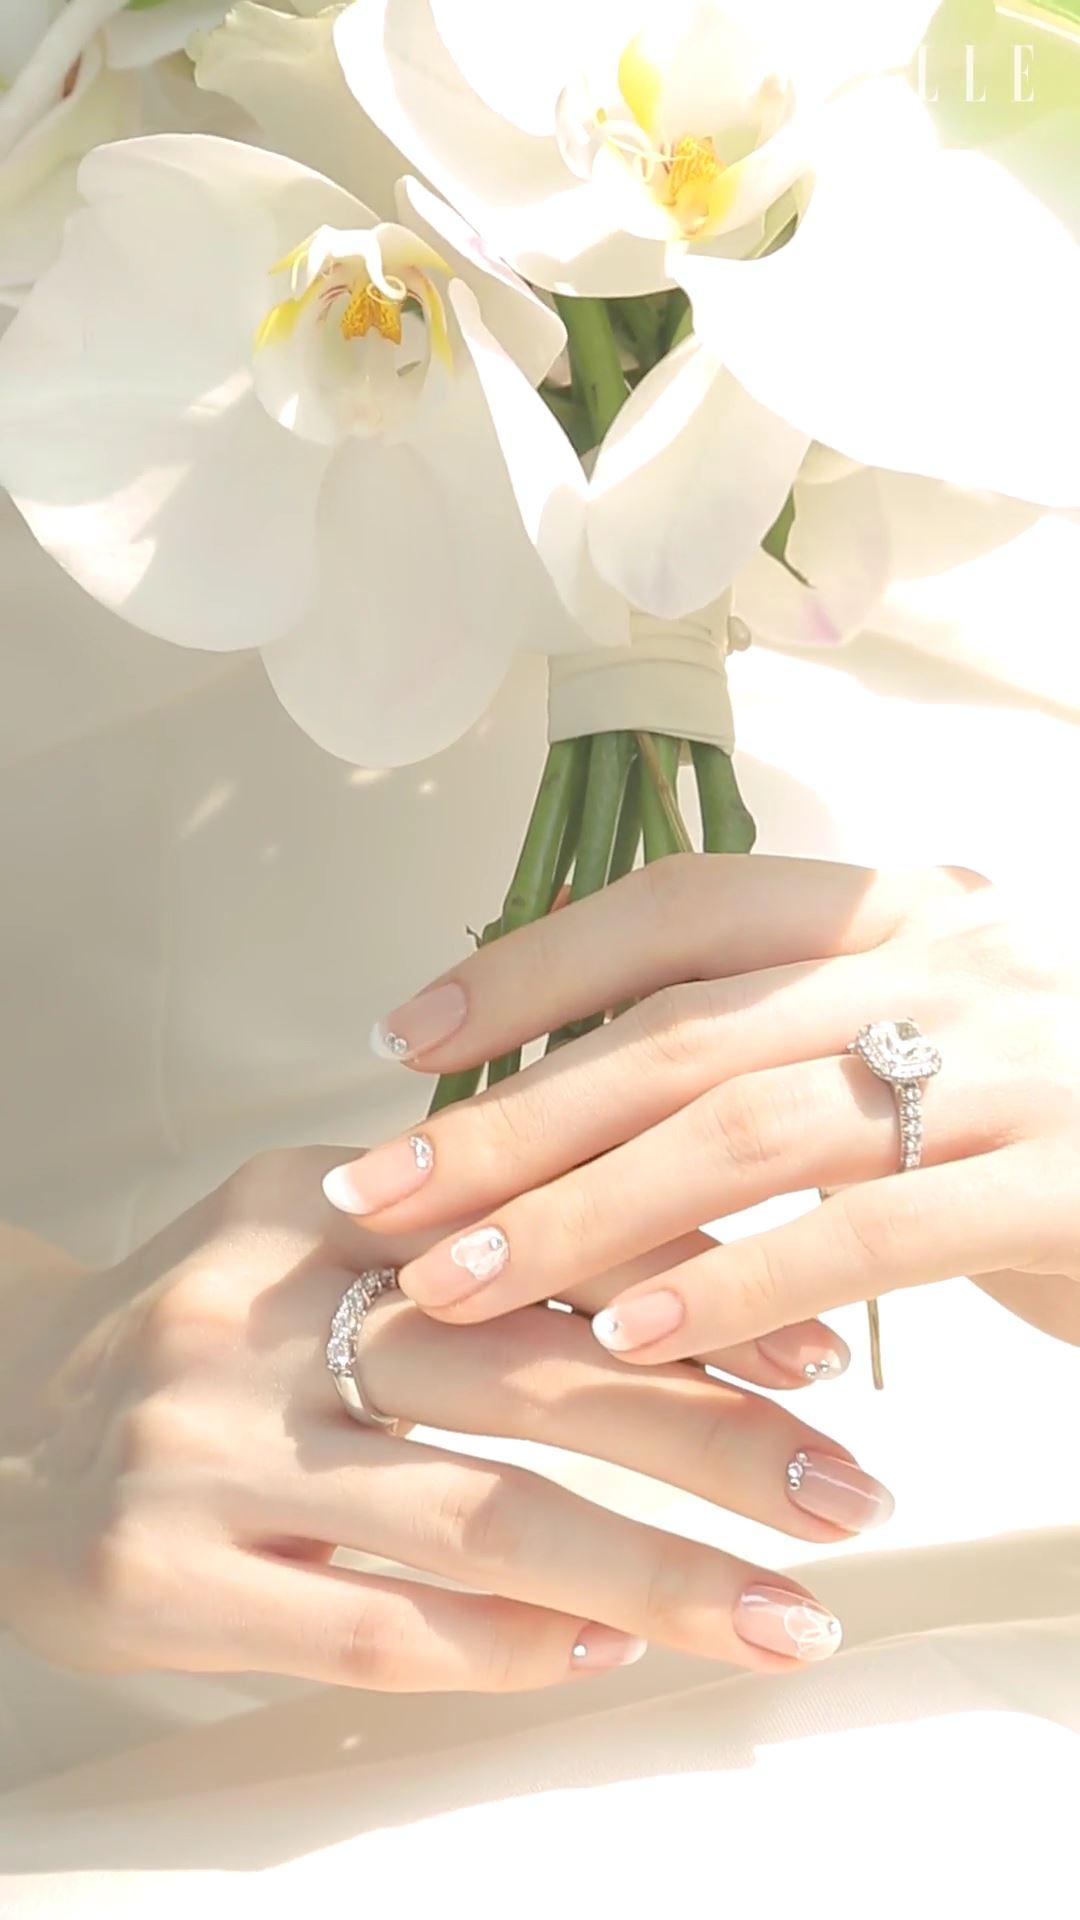 영원한 사랑을 약속하는 그 순간을 함께하는 부케와 웨딩 링. 그녀의 손가락을 더욱 아름답게 빛내줄 웨딩 네일 아이디어 3.